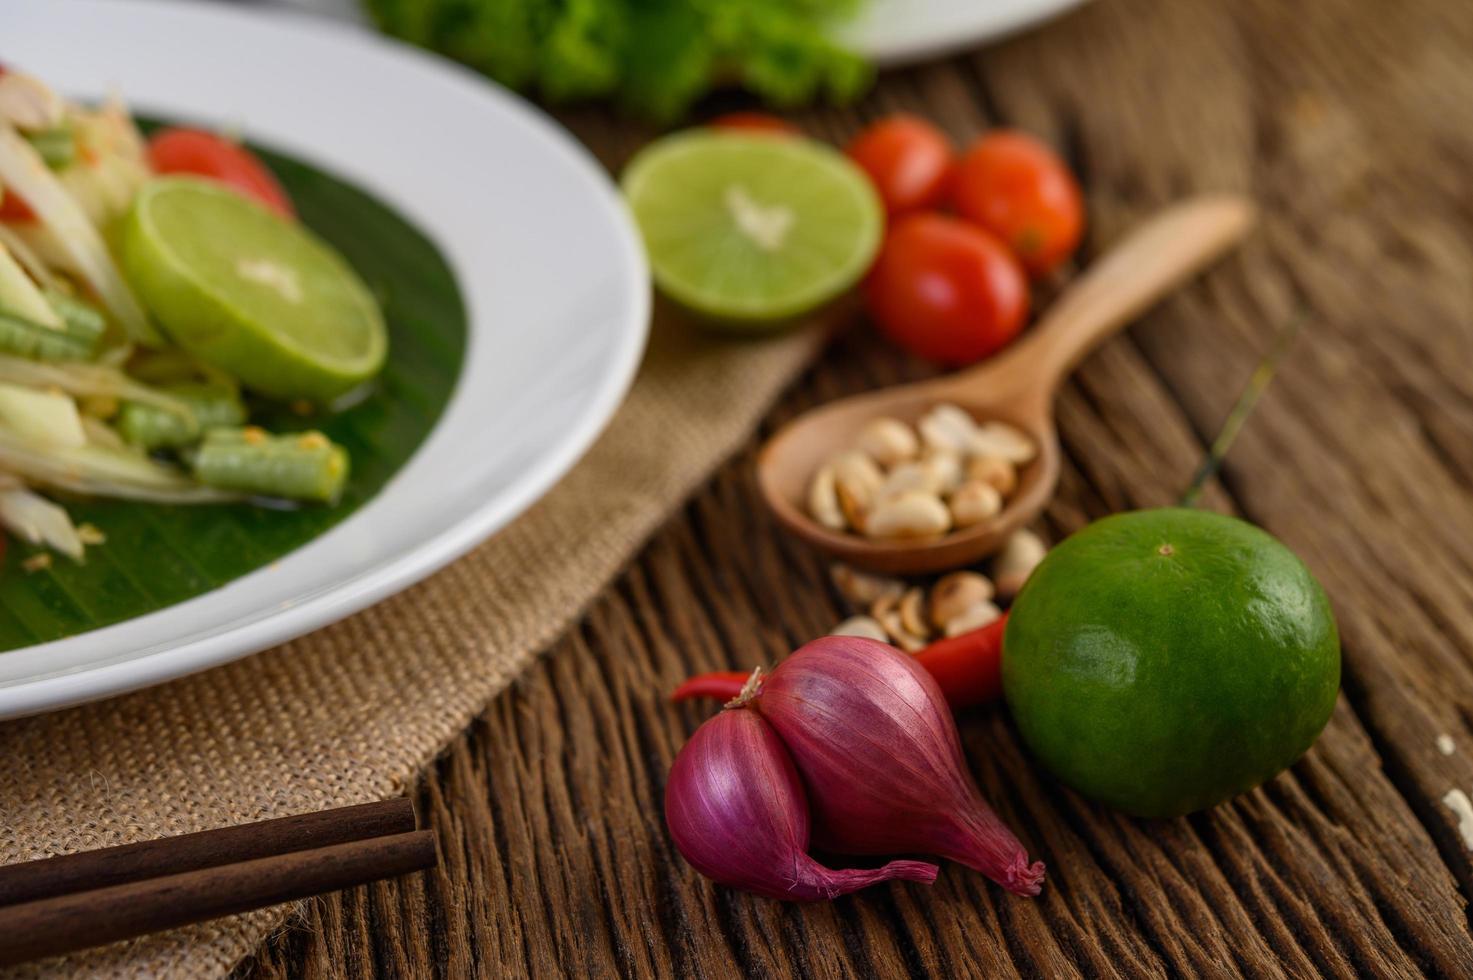 comida picante estilo tailandés con ajo, limón, cacahuetes, tomates y chalotas foto